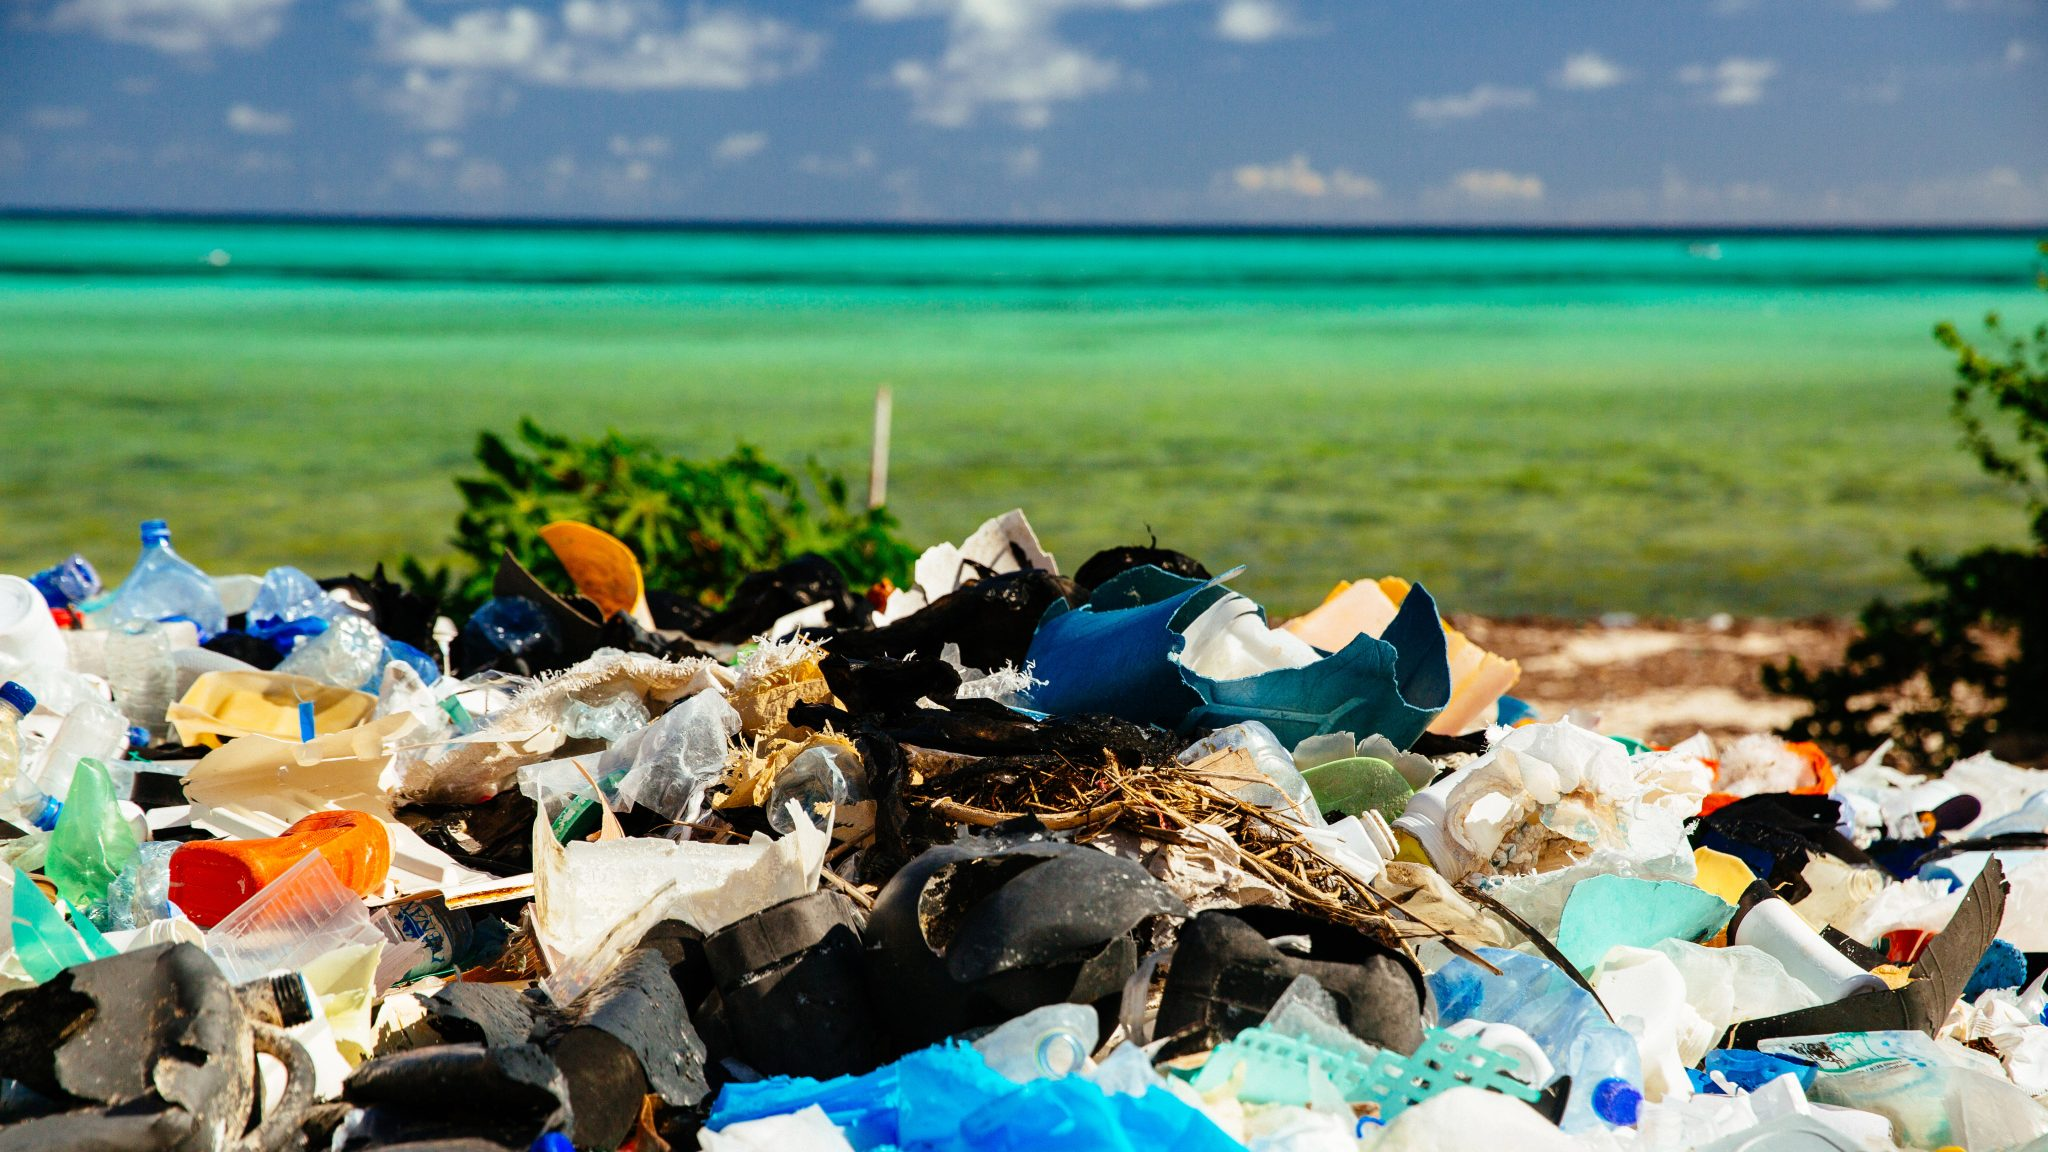 Im schlimmsten Fall landen die Verpackungen unrecycelt auf dem Müll. © Greg Armfield/WWF-UK